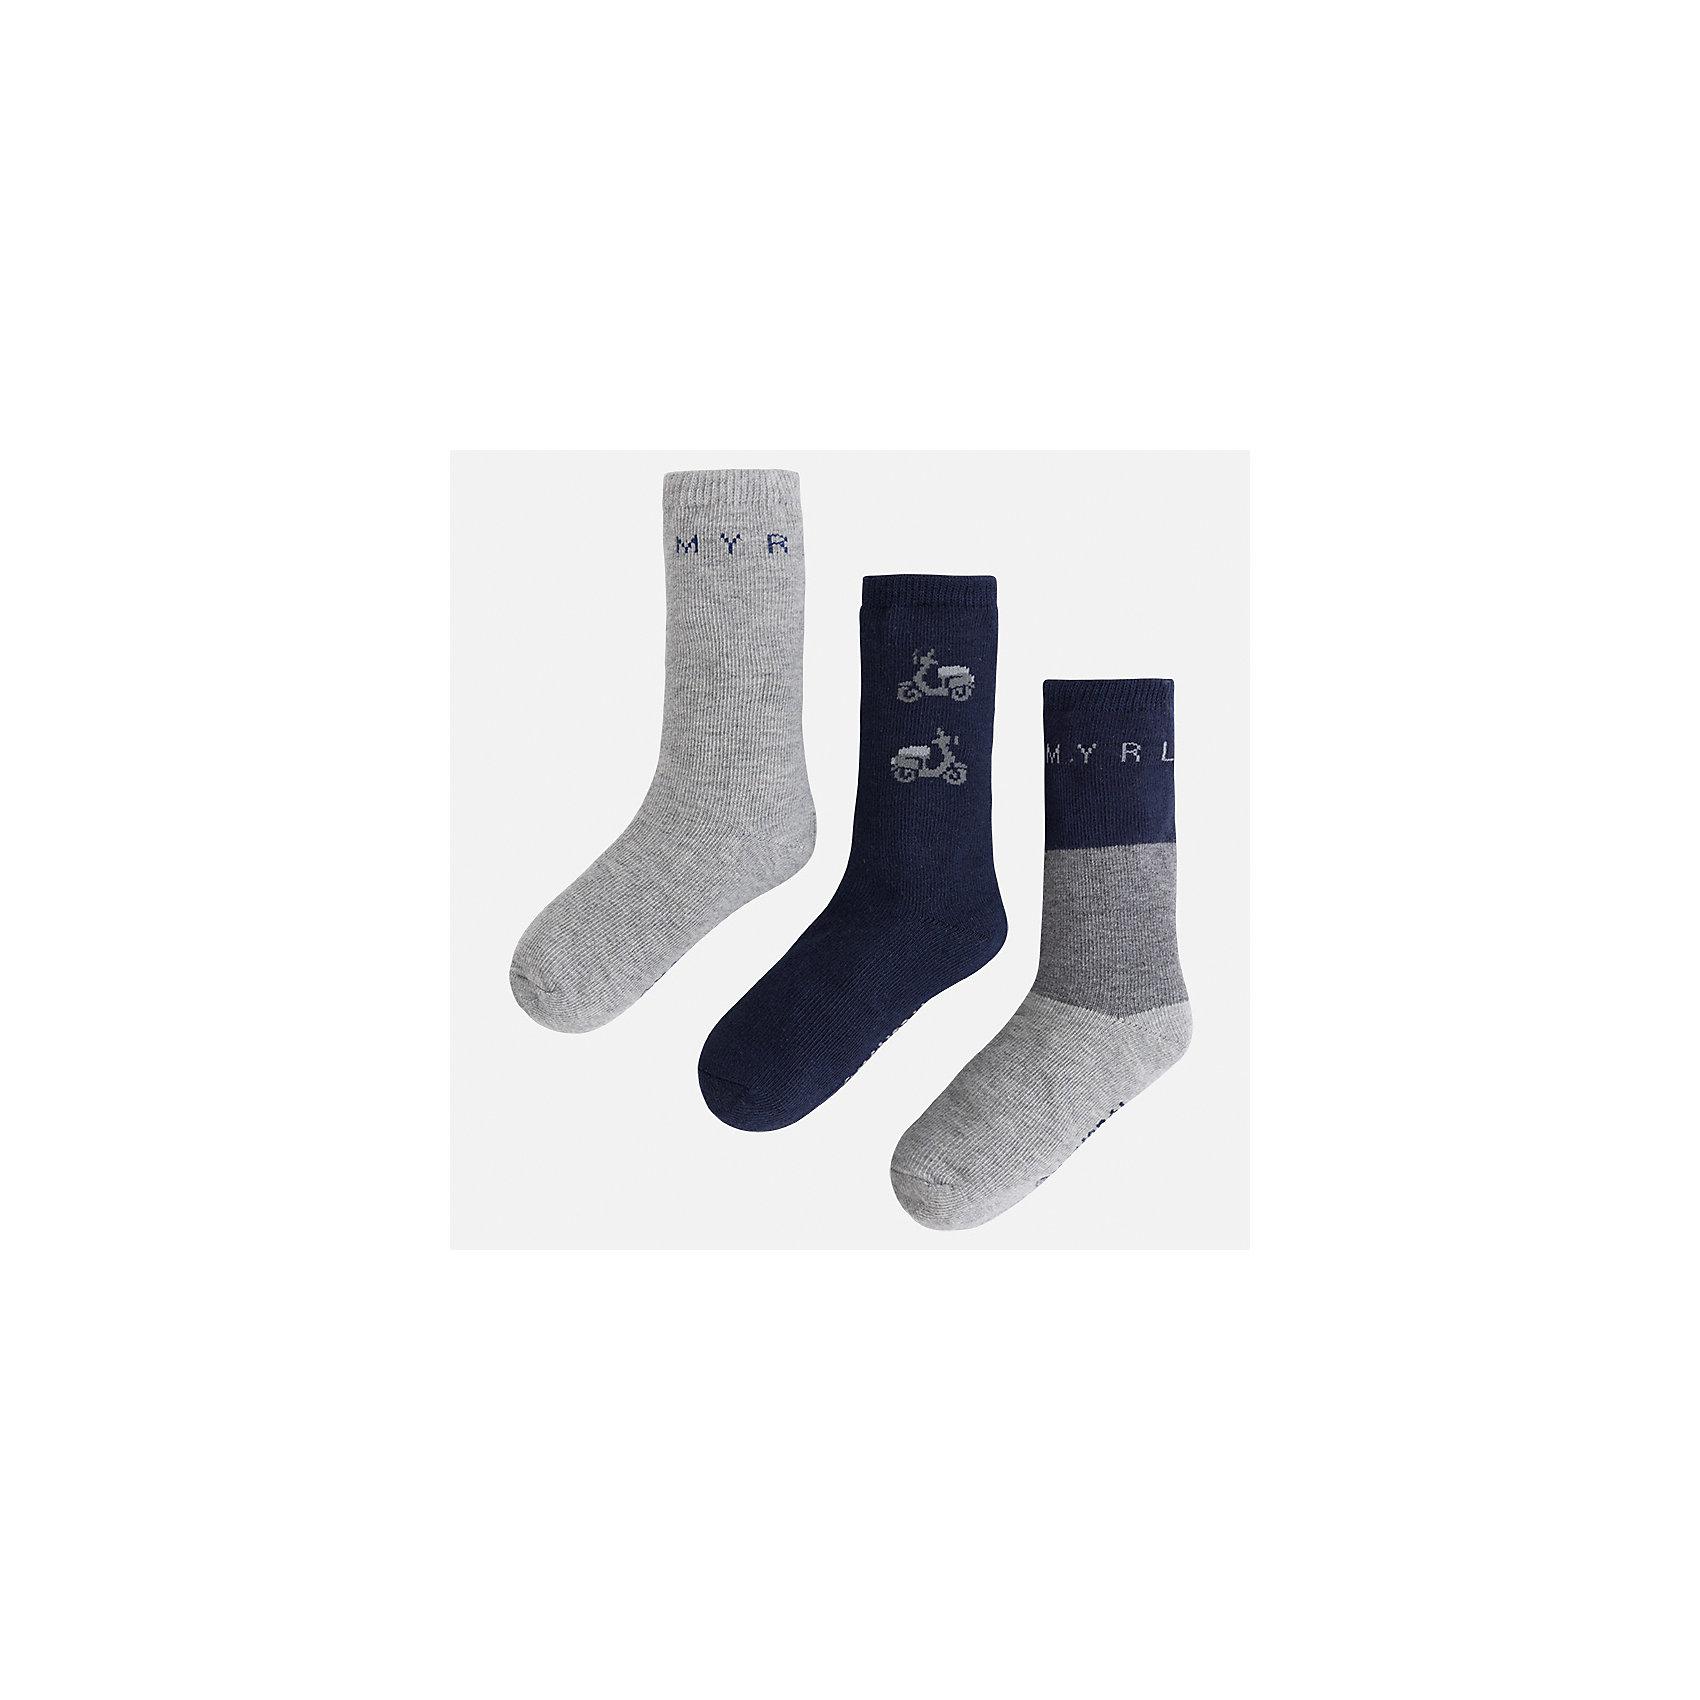 Носки (3 пары) для мальчика MayoralНоски<br>Характеристики товара:<br><br>• цвет: темно-синий/серый<br>• состав ткани: 77% хлопок, 20% полиамид, 3% эластан<br>• сезон: круглый год<br>• комплектация: 3 пары<br>• страна бренда: Испания<br>• страна изготовитель: Индия<br><br>Качественные носки для мальчика от популярного бренда Mayoral отличаются оригинальным декором. Детские носки смотрятся аккуратно и нарядно. В таких носках для детей от испанской компании Майорал ребенок будет выглядеть модно, а чувствовать себя - комфортно. <br><br>Носки (3 пары) для мальчика Mayoral (Майорал) можно купить в нашем интернет-магазине.<br><br>Ширина мм: 87<br>Глубина мм: 10<br>Высота мм: 105<br>Вес г: 115<br>Цвет: сине-серый<br>Возраст от месяцев: 96<br>Возраст до месяцев: 108<br>Пол: Мужской<br>Возраст: Детский<br>Размер: 33-35,24-26,27-29,30-32<br>SKU: 6939175